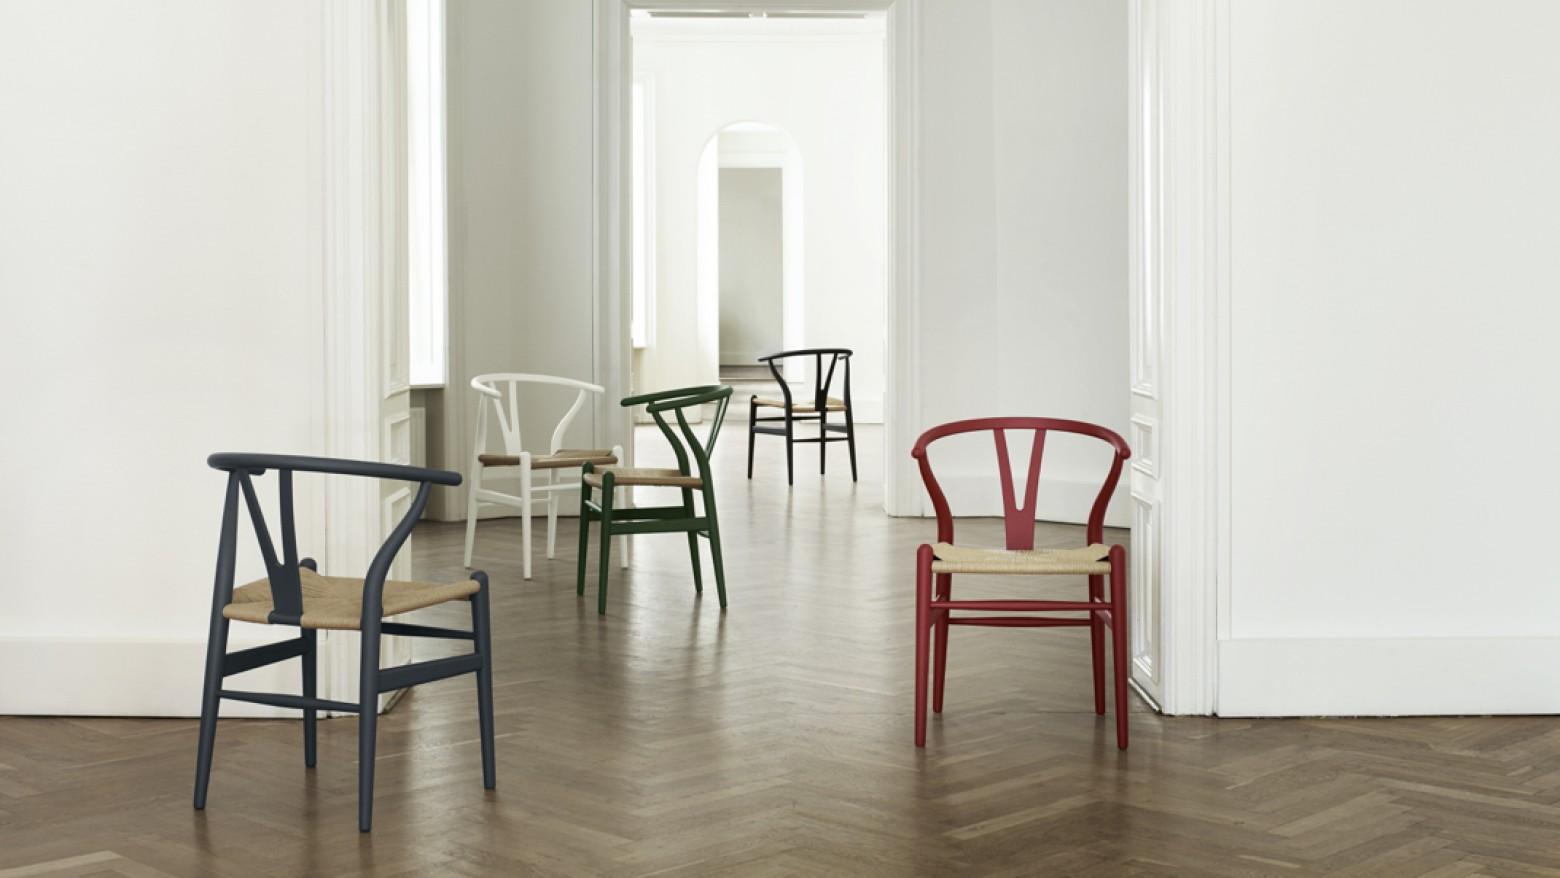 Chaise iconique Wishbone en finition mate: offre temporaire jusqu'à fin mai 2020 Victors Design Agency